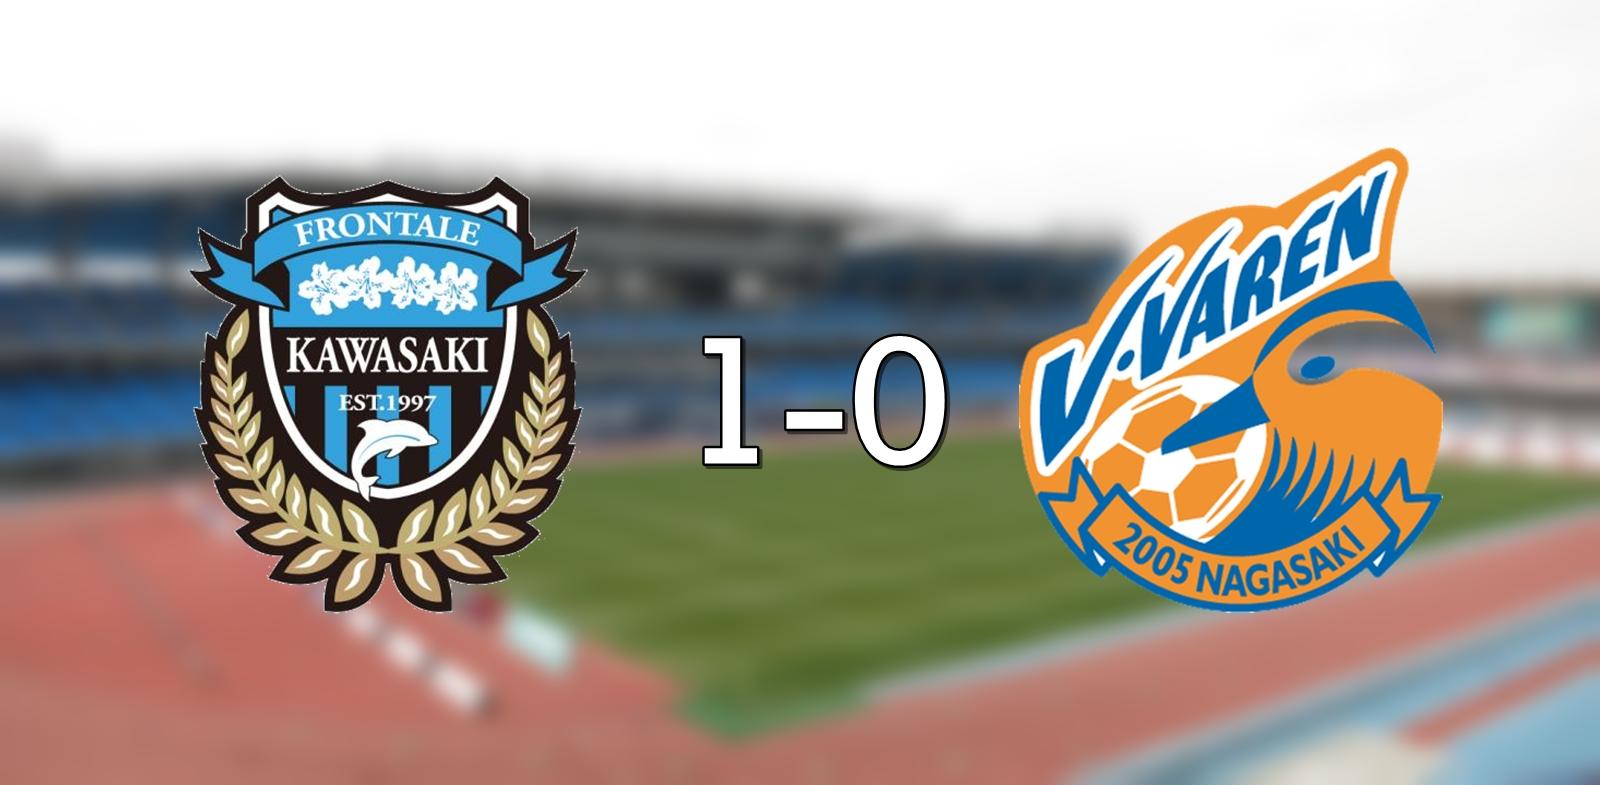 Kawasaki 1-0 Nagasaki